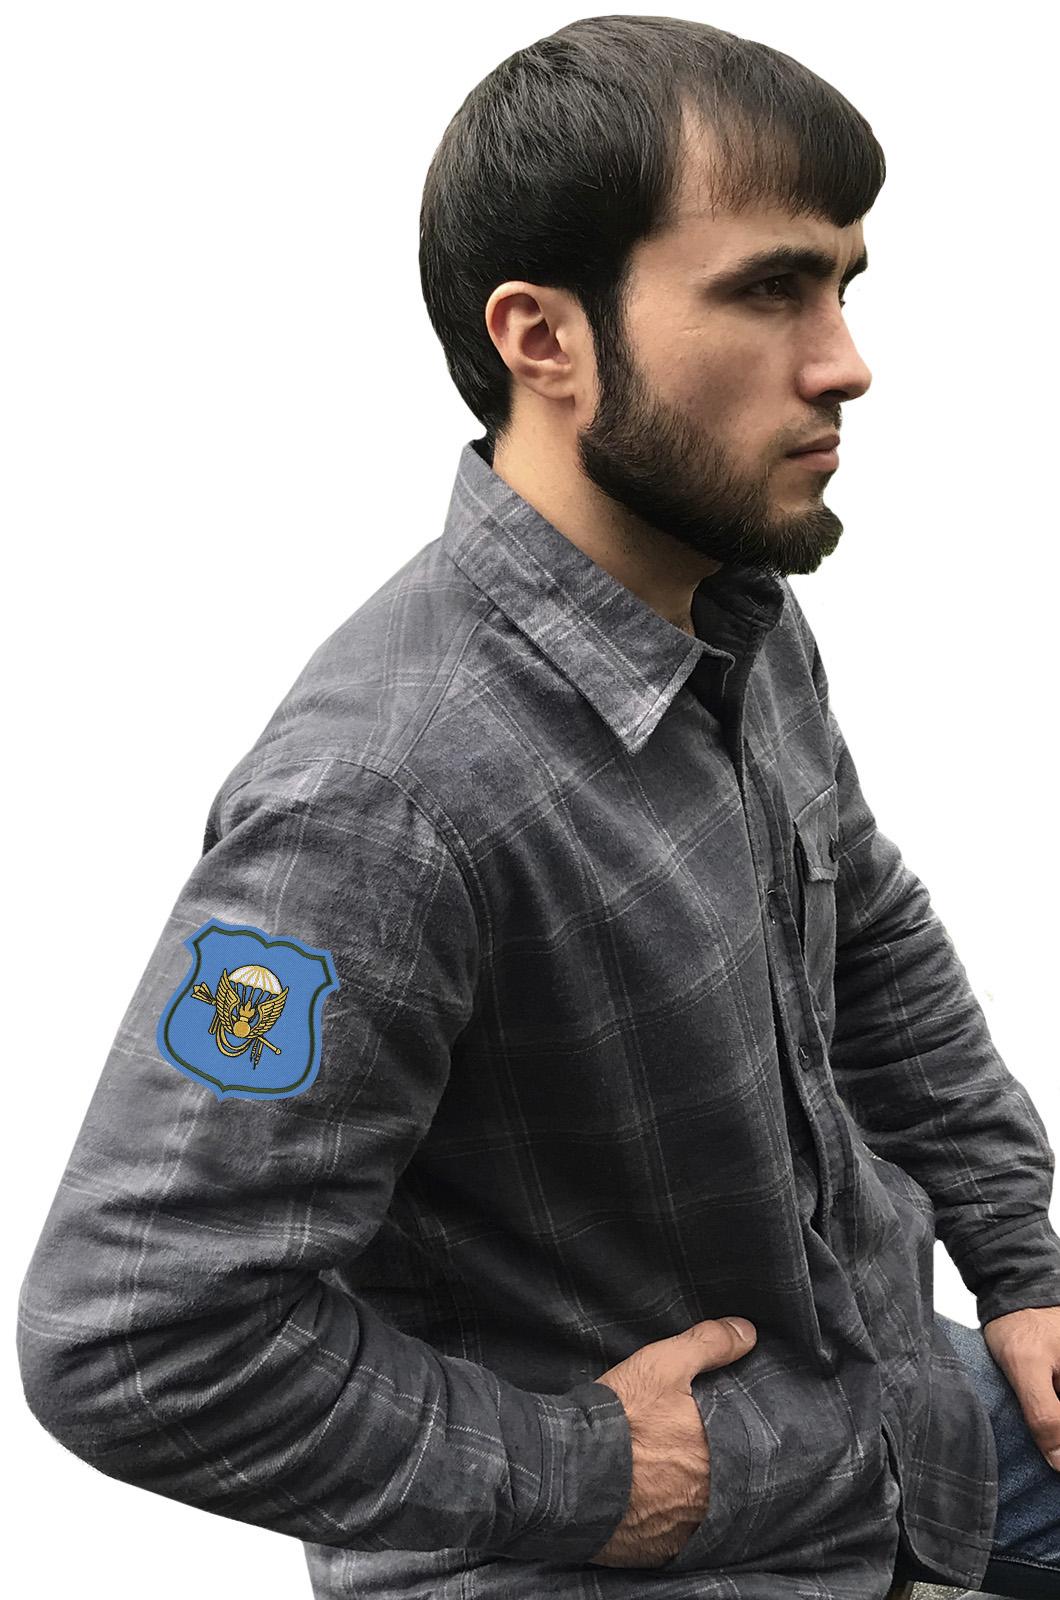 Стильная рубашка с вышитым шевроном Командования ВДВ - купить в Военпро